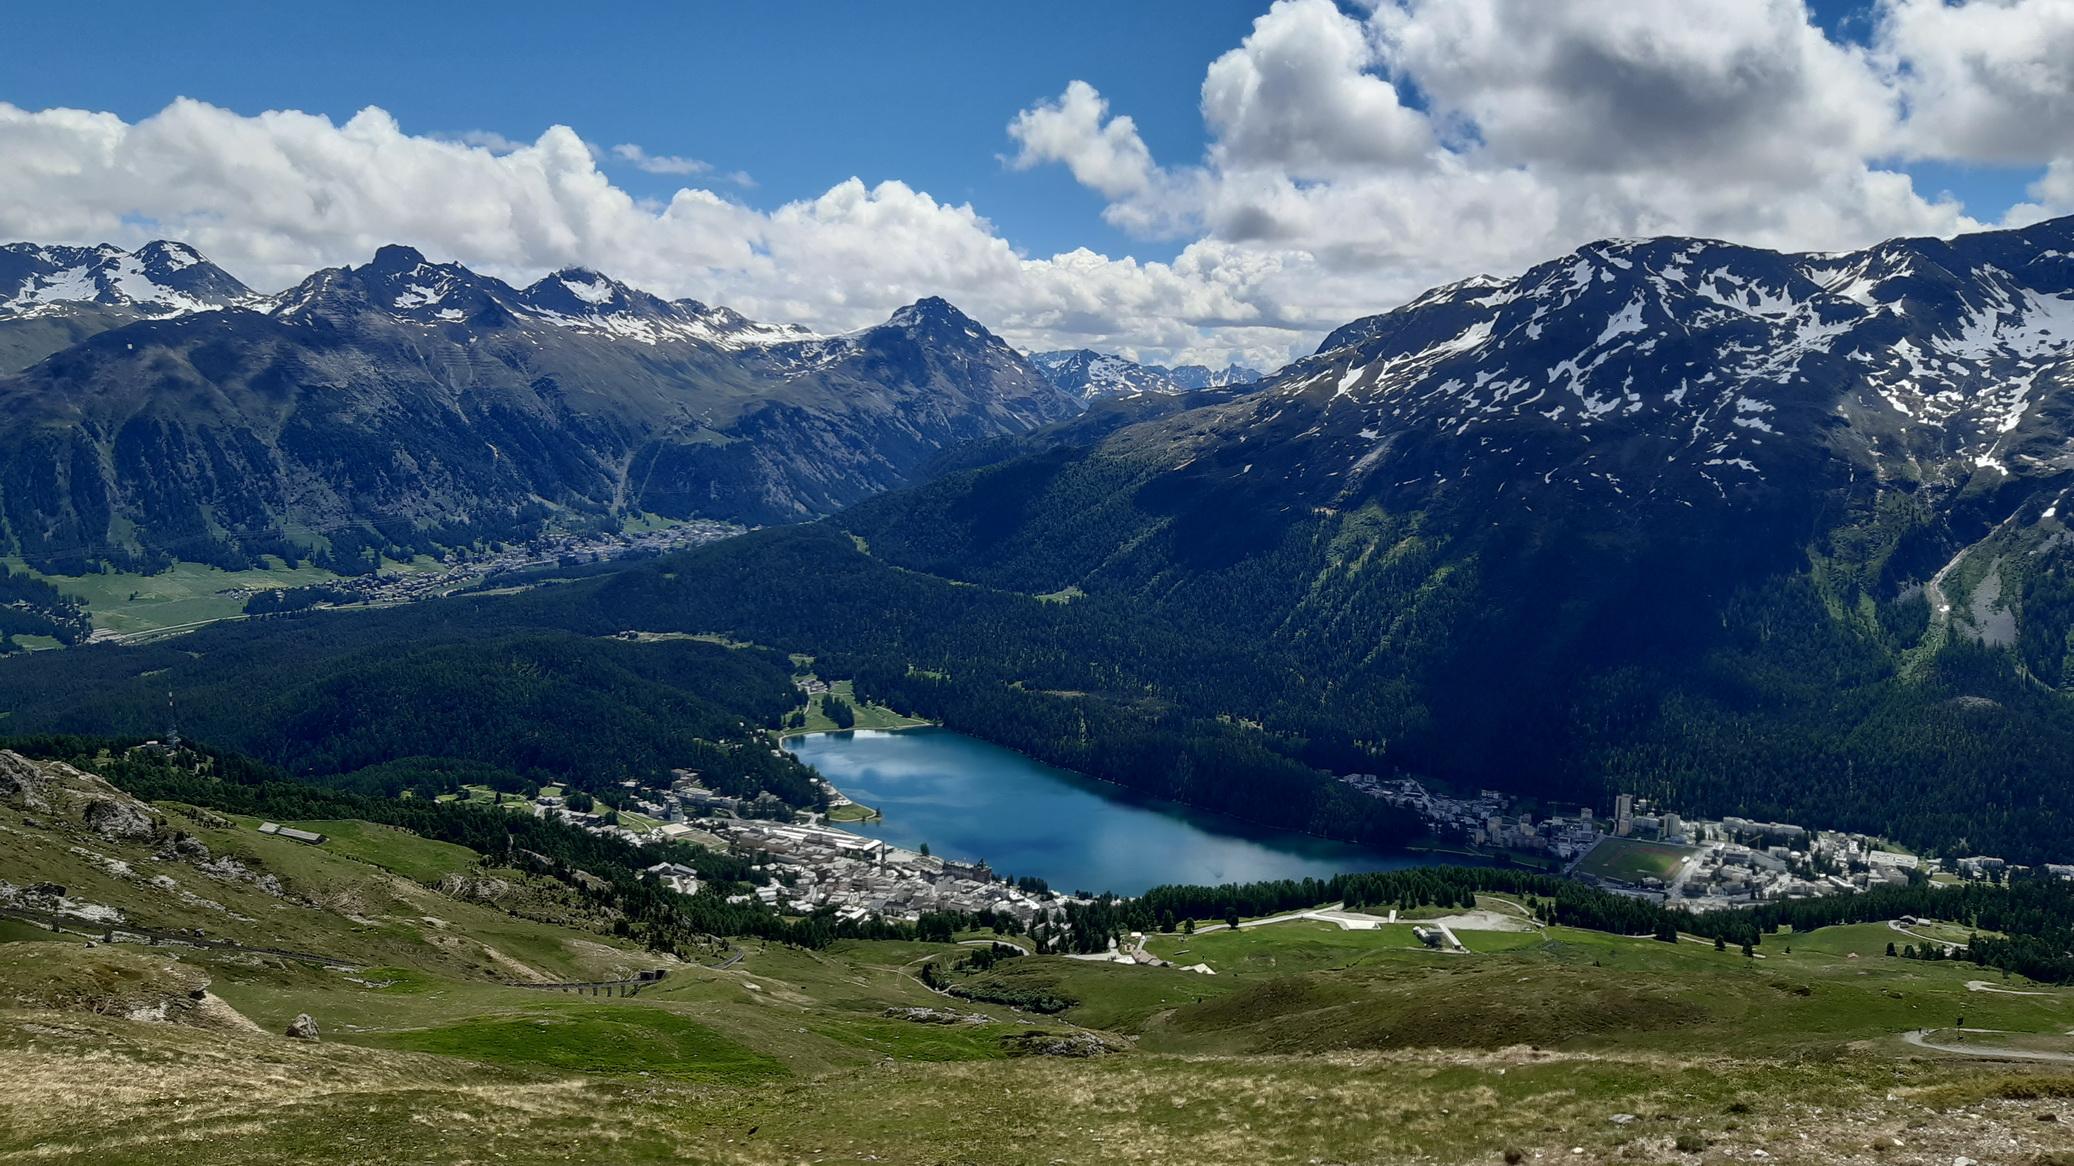 pohľad_z_Corviglie_na_St.Moritz